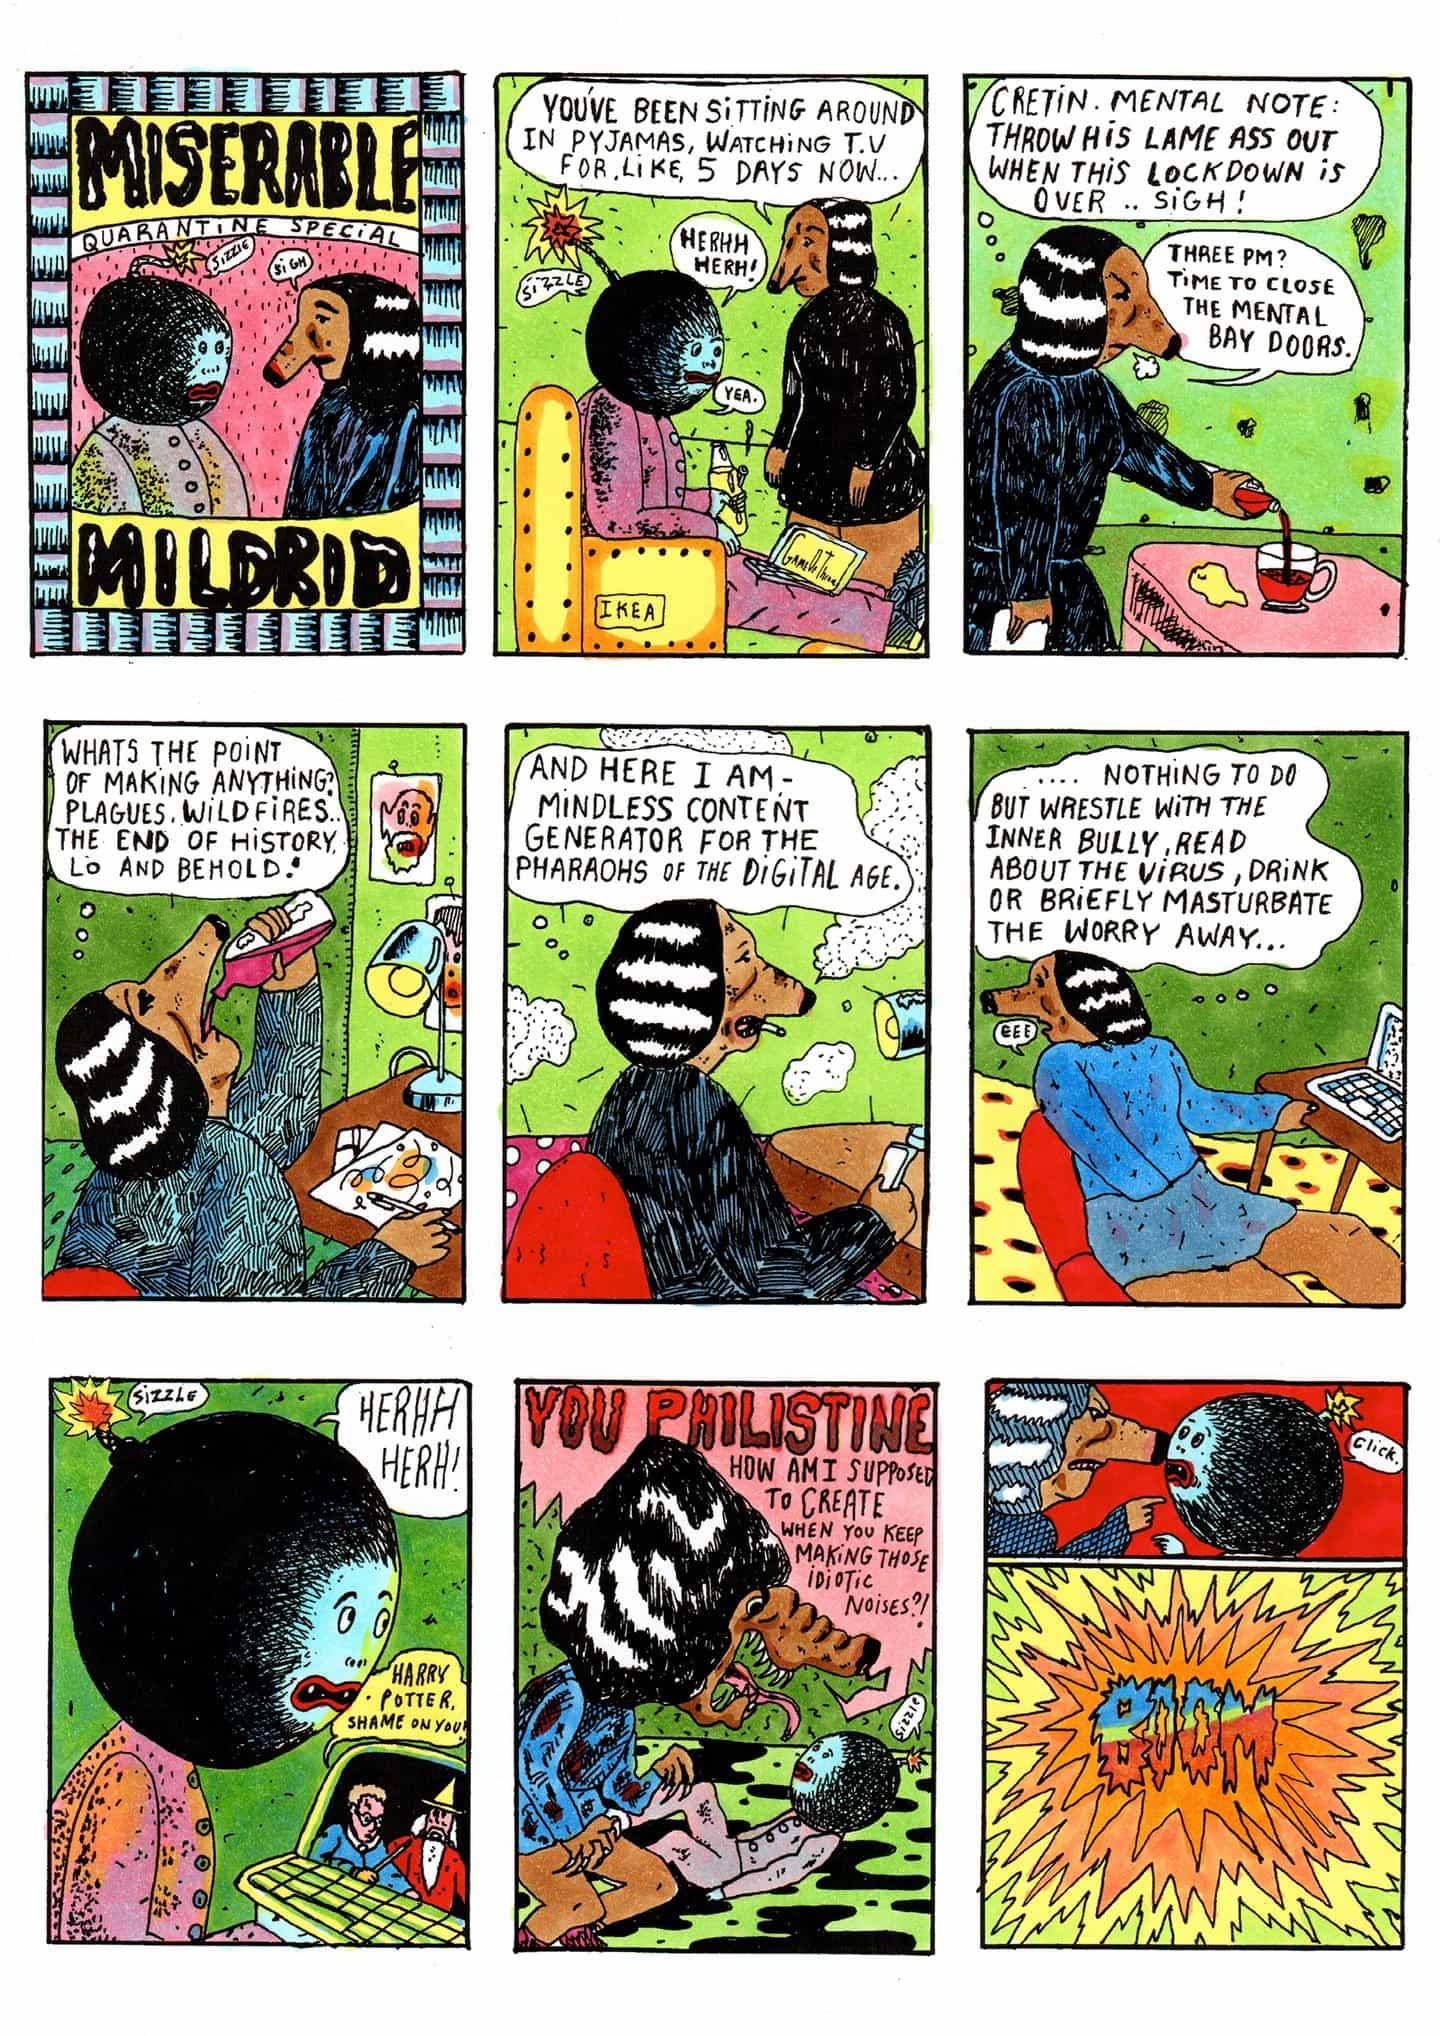 Conoce Miserable Mildred, un artista del milenio descontentos rumiando sobre la (falta de) el amor durante el bloqueo